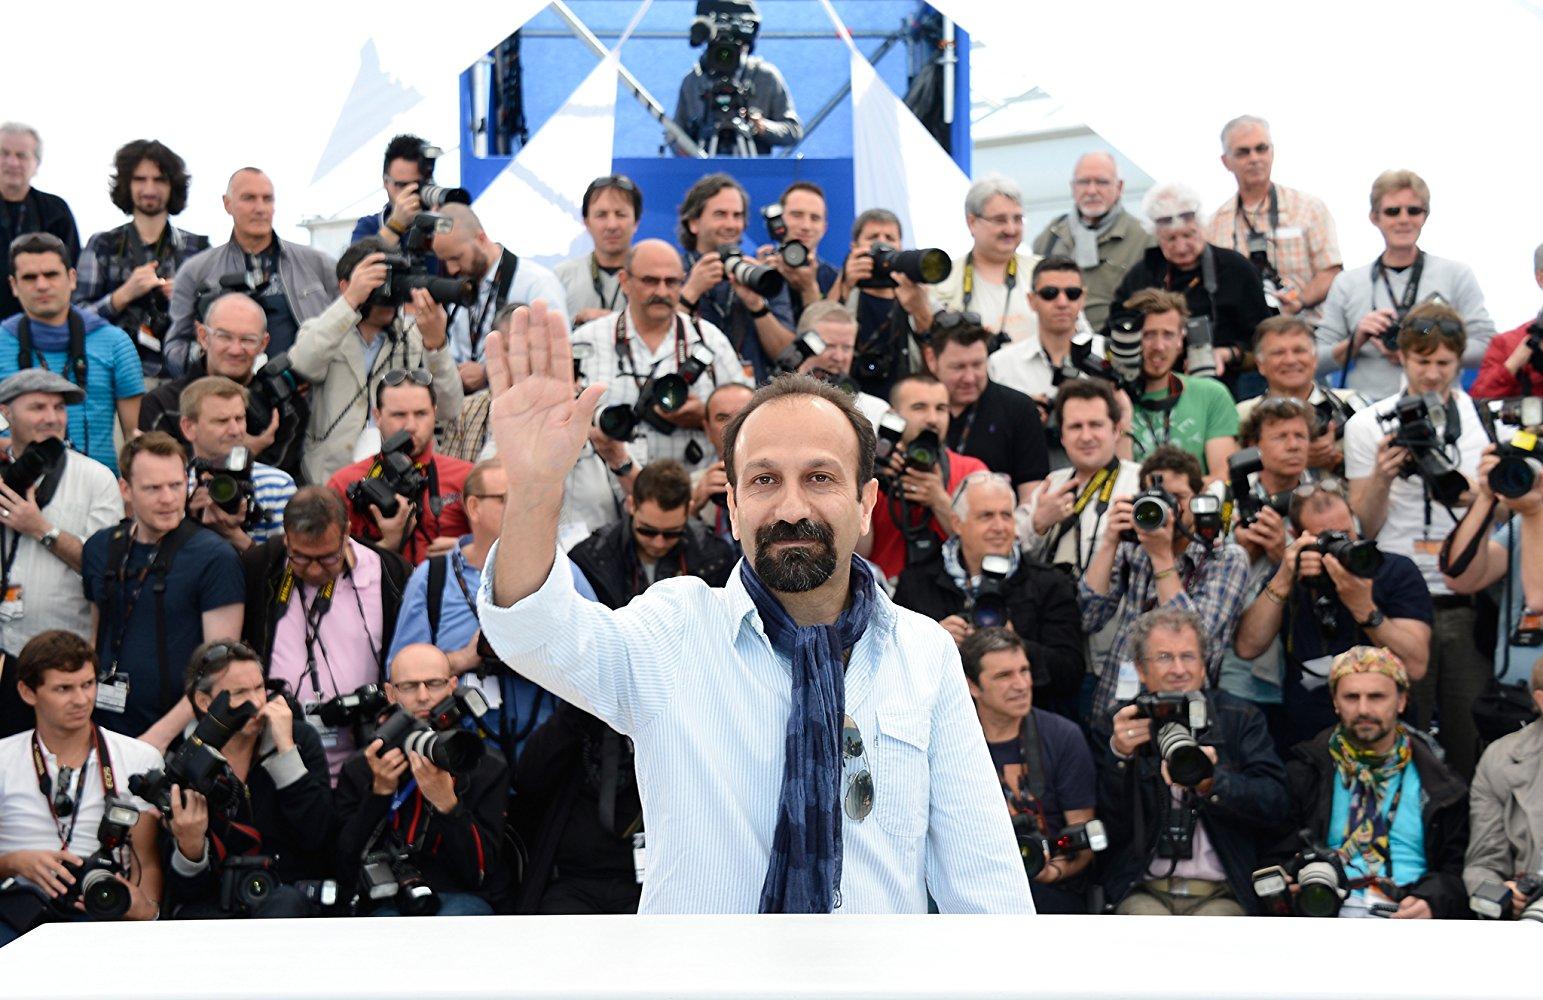 اصغر فرهادی - فیلمساز ایرانی